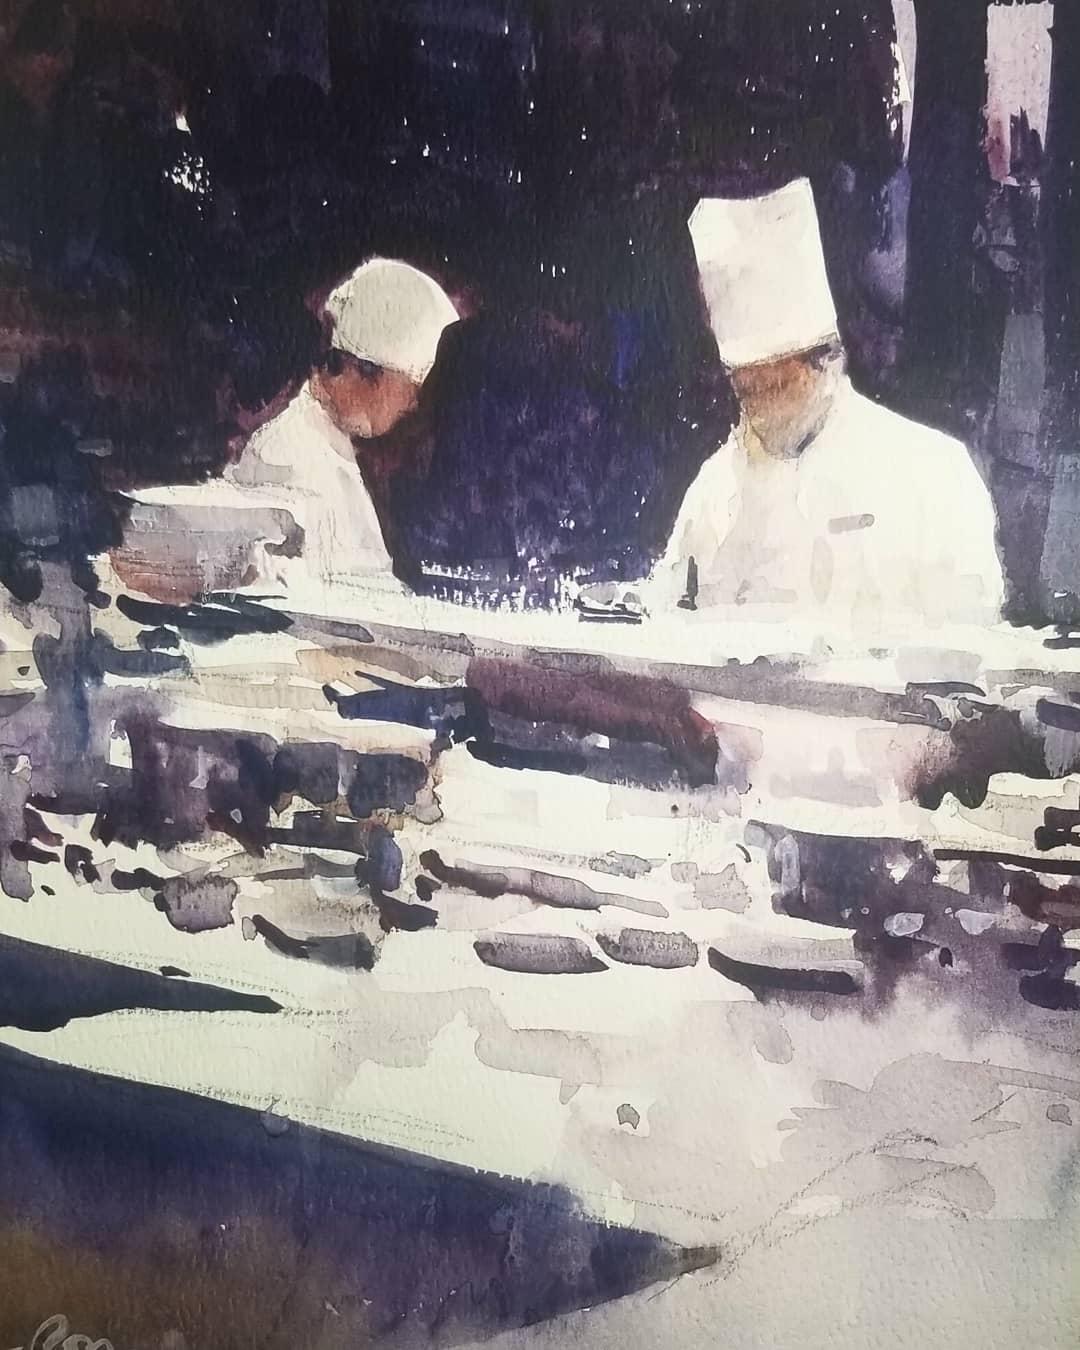 Image of Chef Life prints